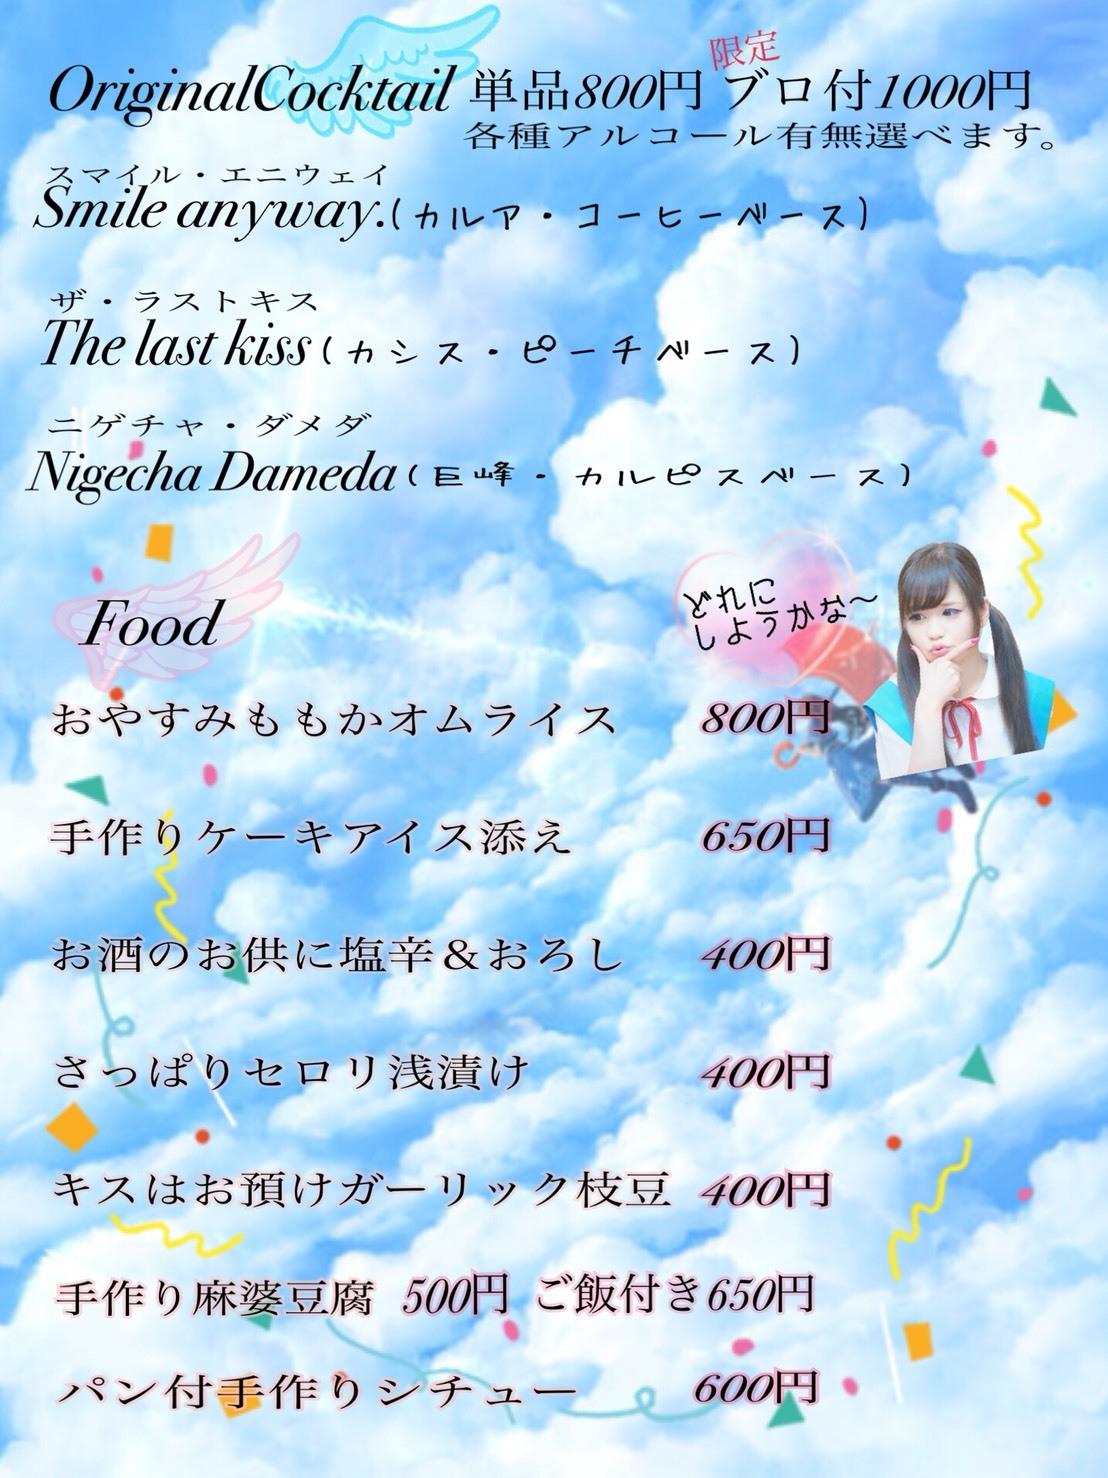 札幌メイドカフェイベント